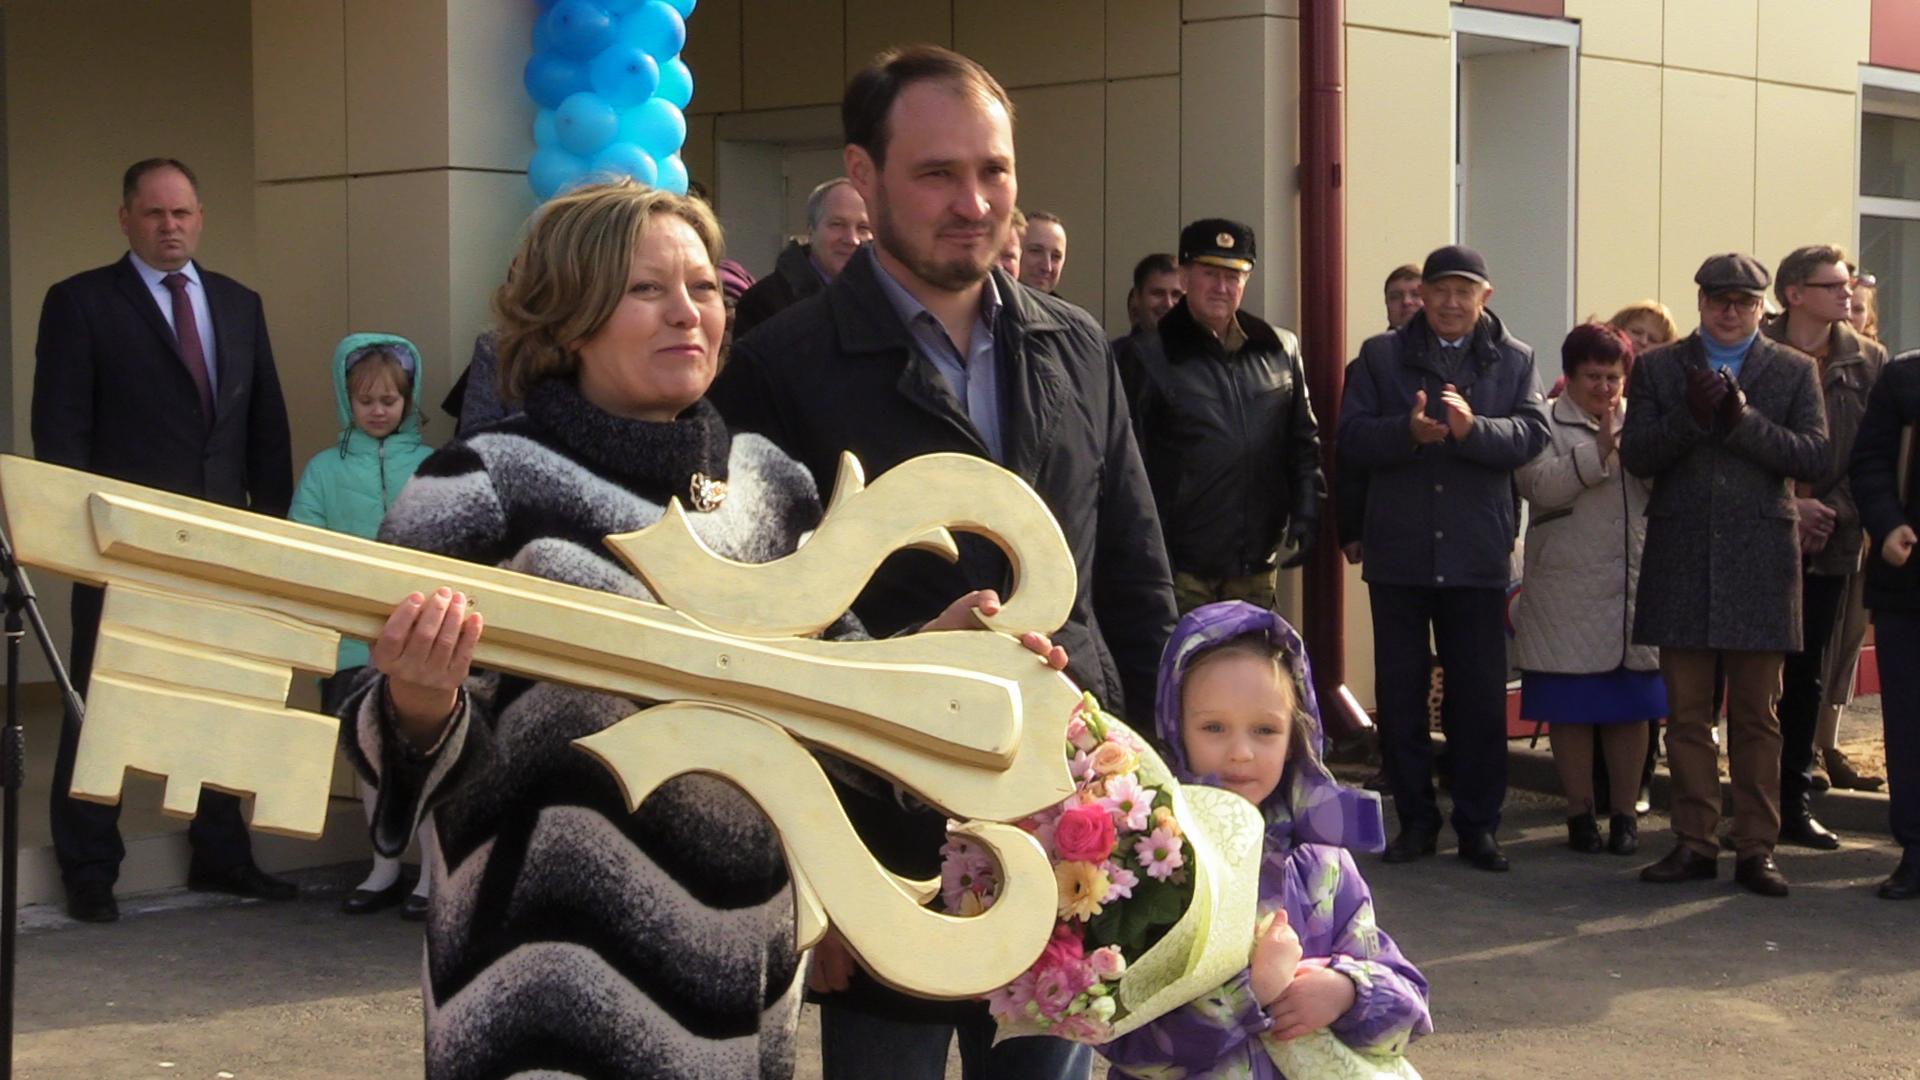 В селе Березичский стеклозавод официально открыли новый Дом культуры. Этого события здесь ждали более сорока лет